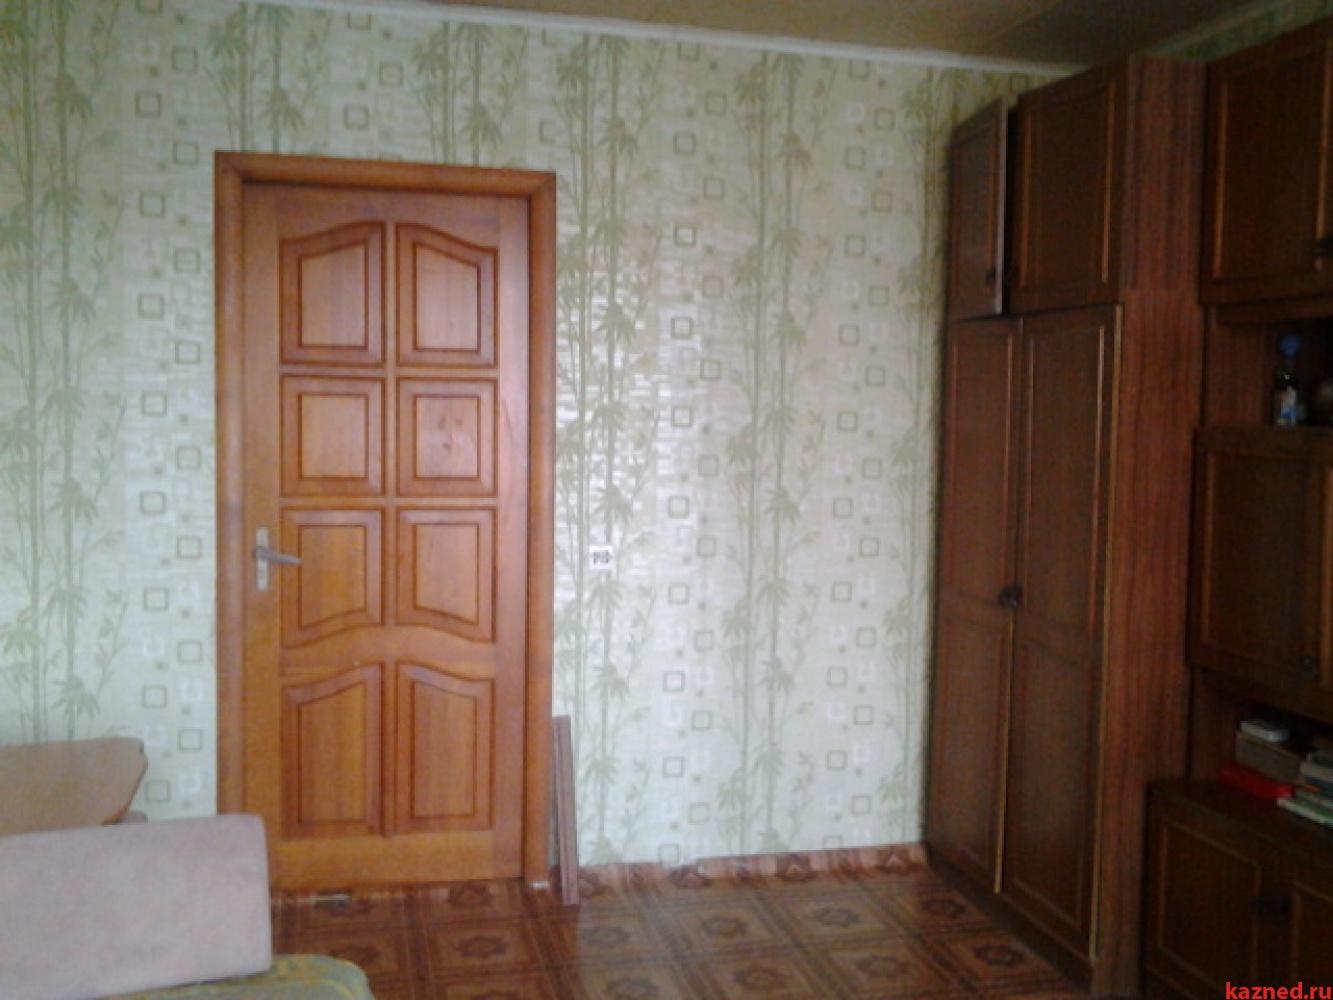 Продажа 2-к квартиры Авангардная,167А, 47 м²  (миниатюра №3)